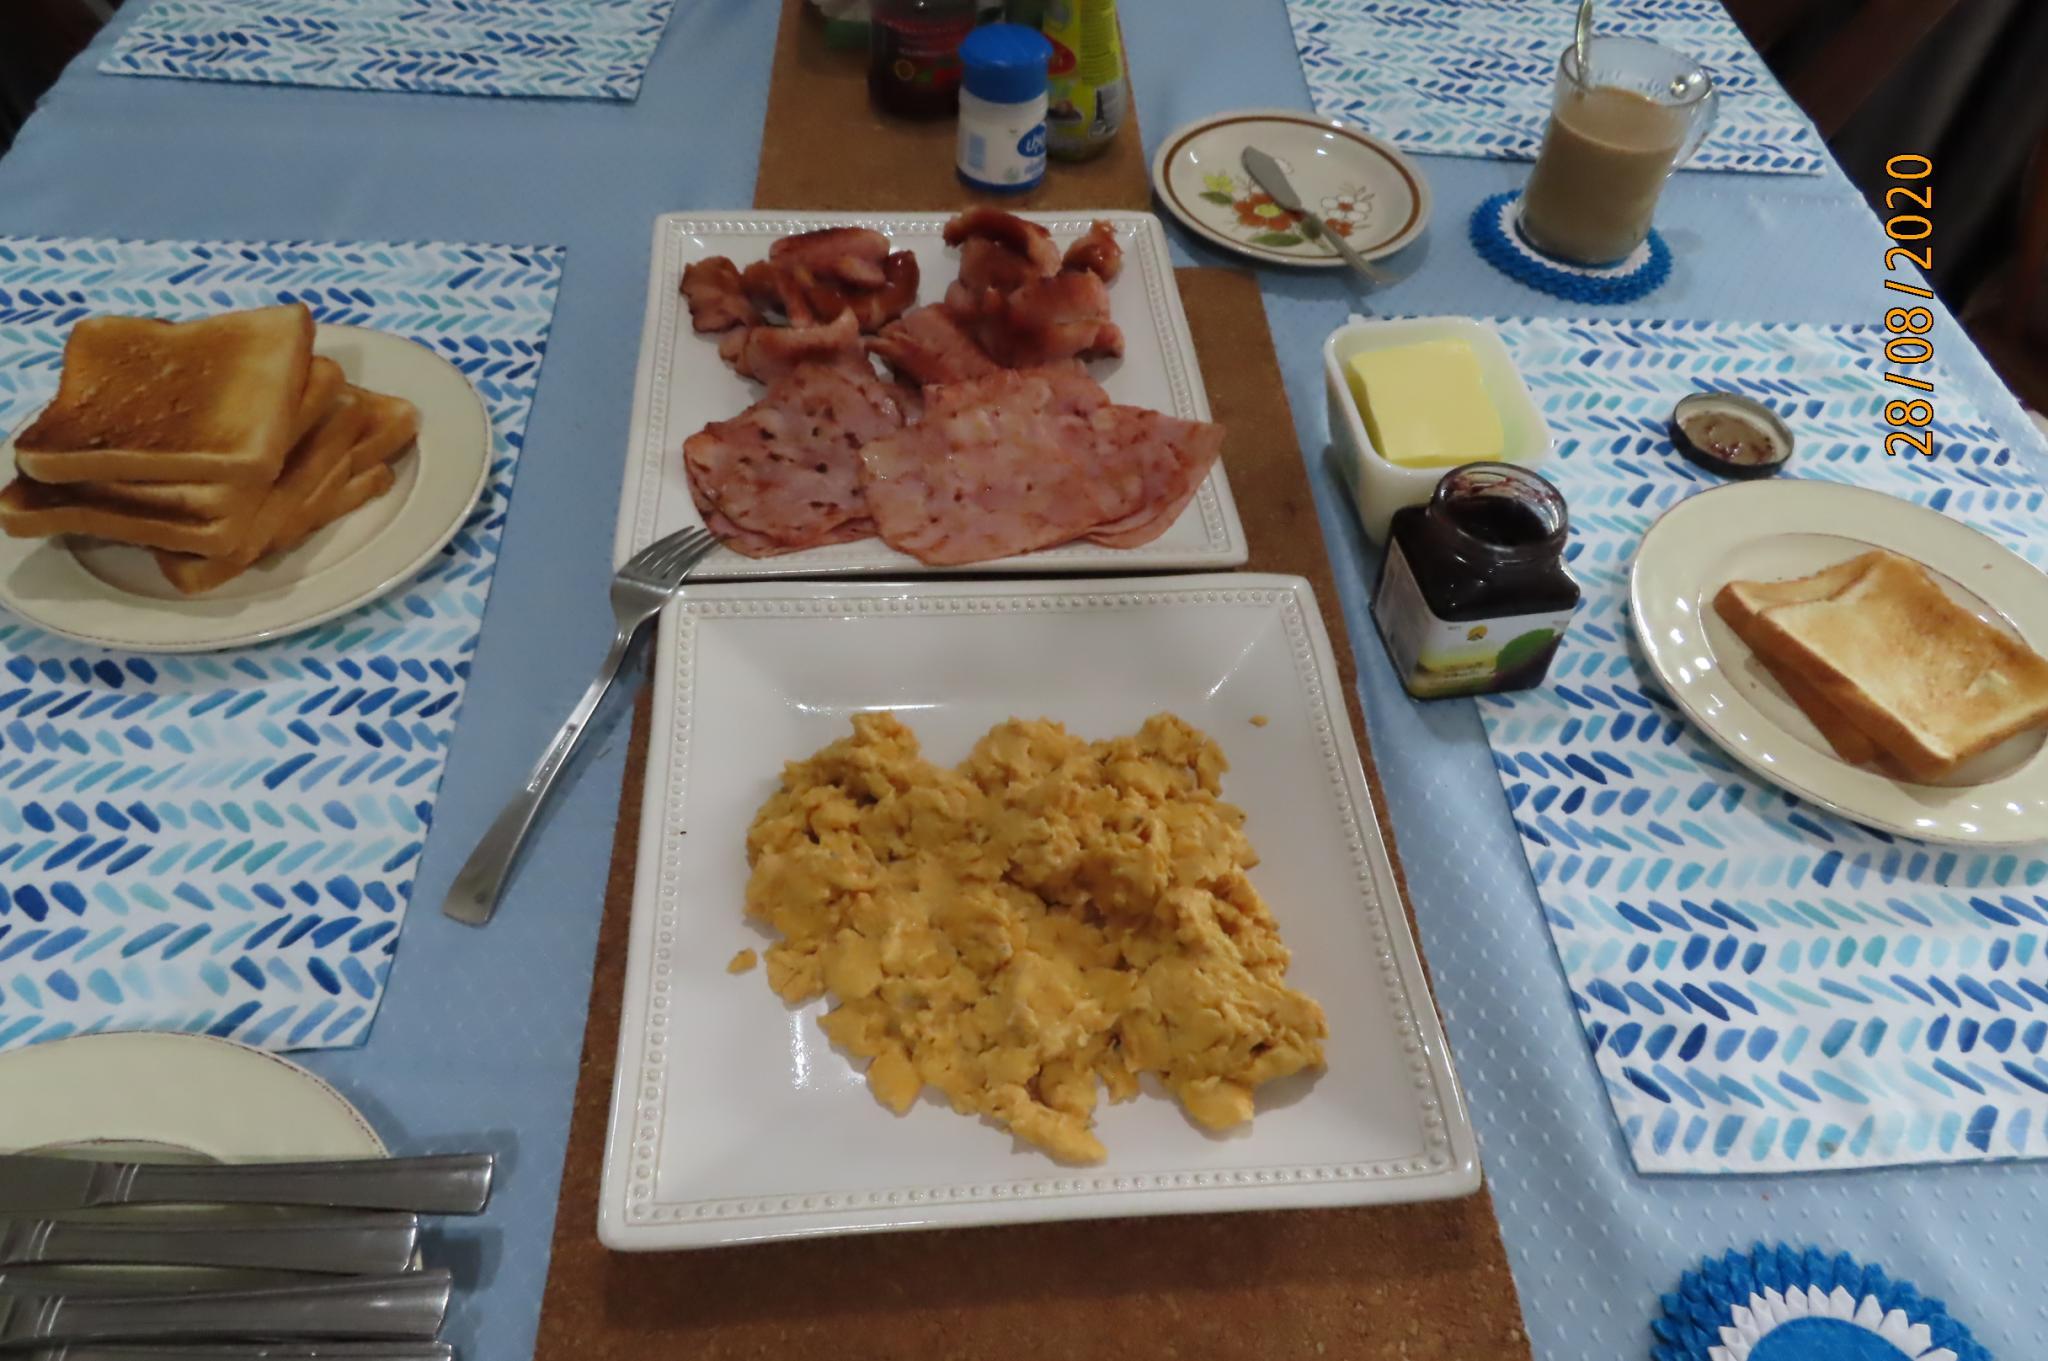 Breakfast-img_9270-jpg